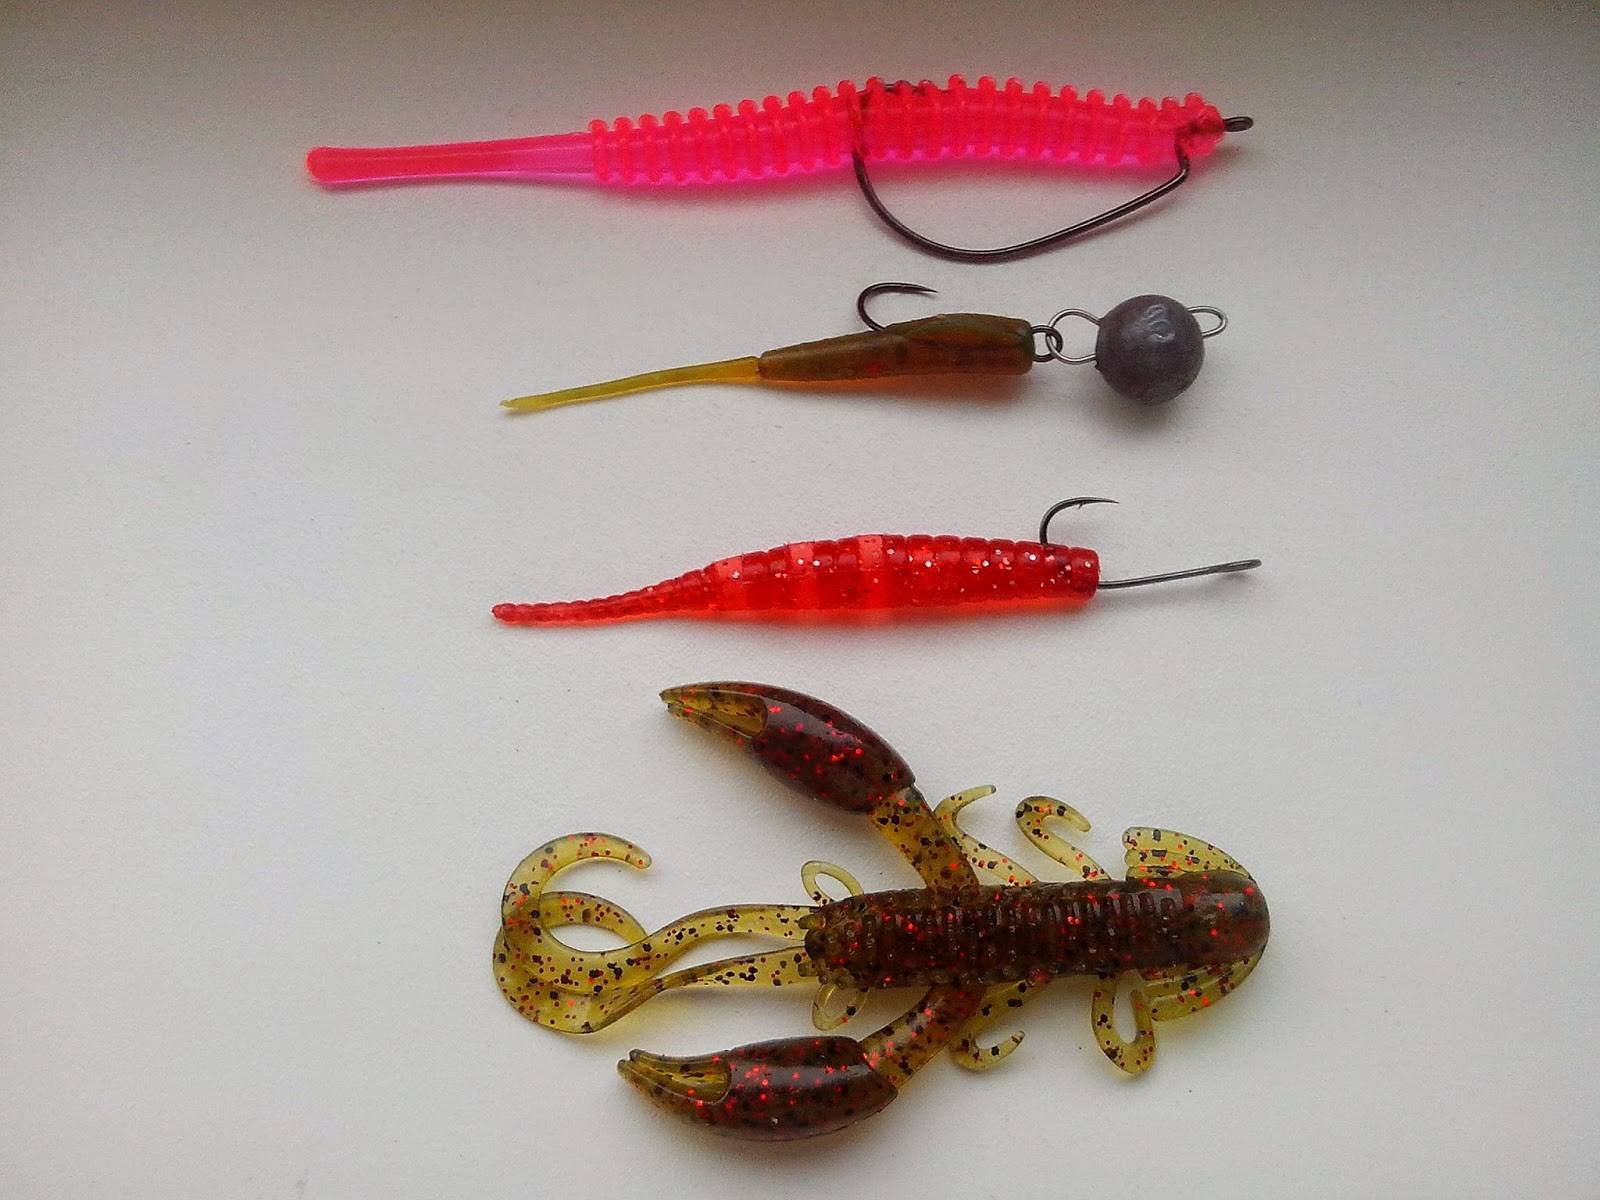 Спиннинг для ловли окуня и щуки: как выбрать, оснастка, приманки, леска